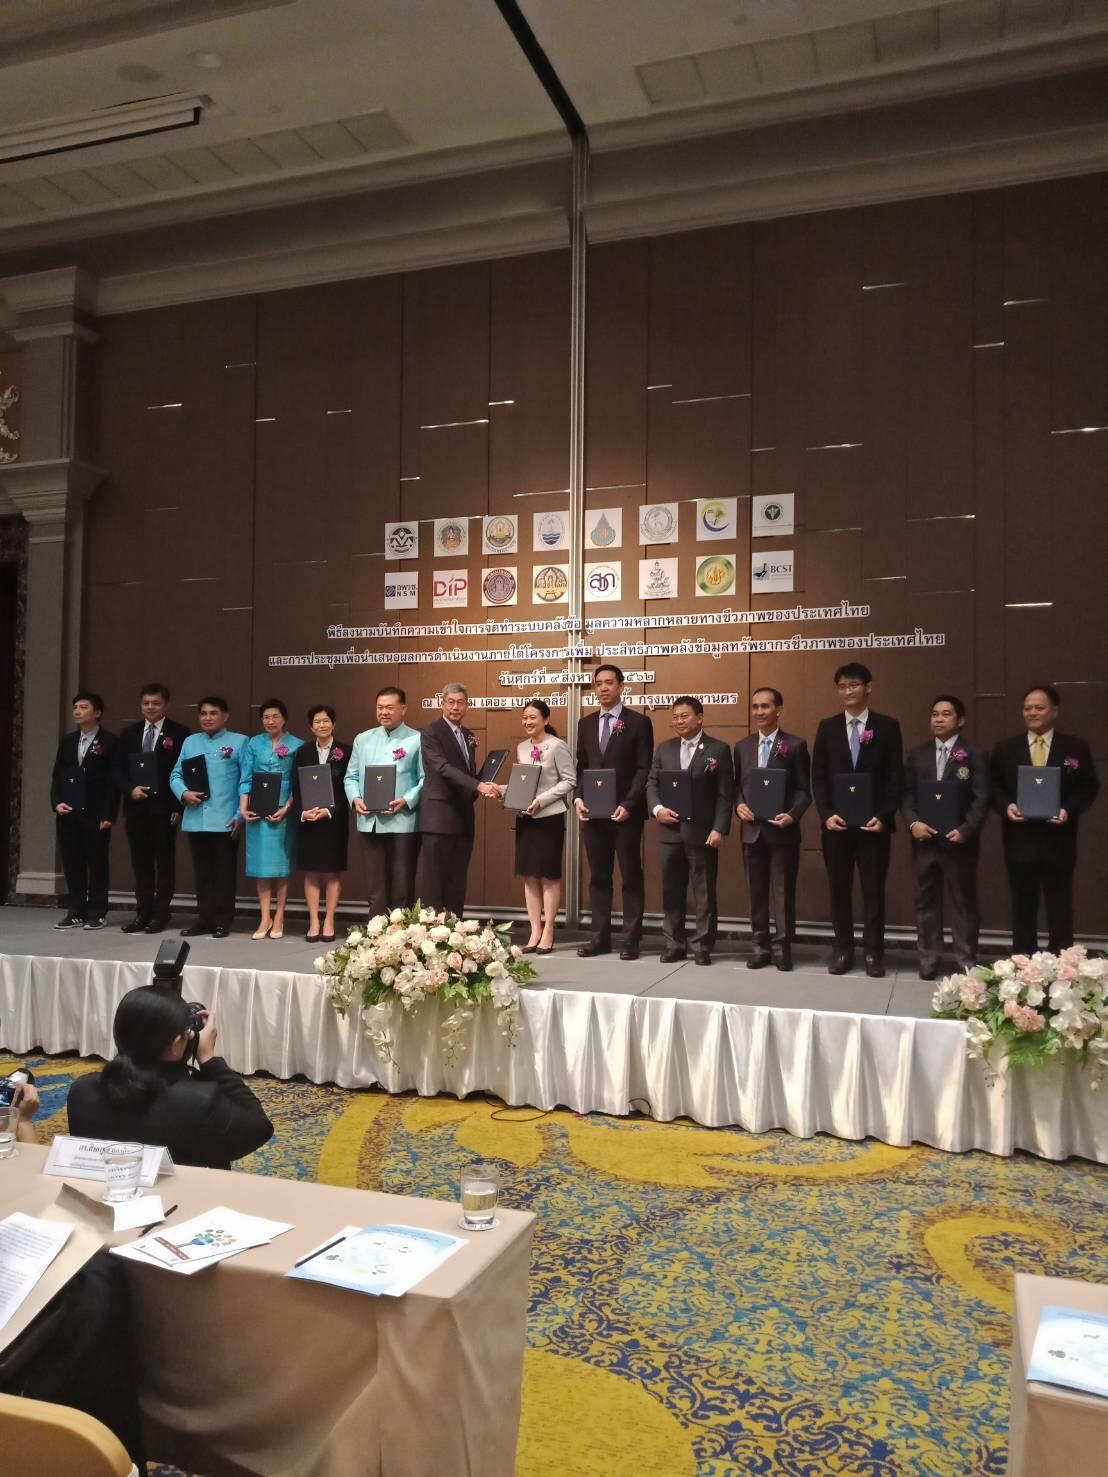 ทช.เข้าร่วมลงนามบันทึกความเข้าใจการจัดทำระบบคลังข้อมูลความหลากหลายทางชีวภาพของประเทศไทย